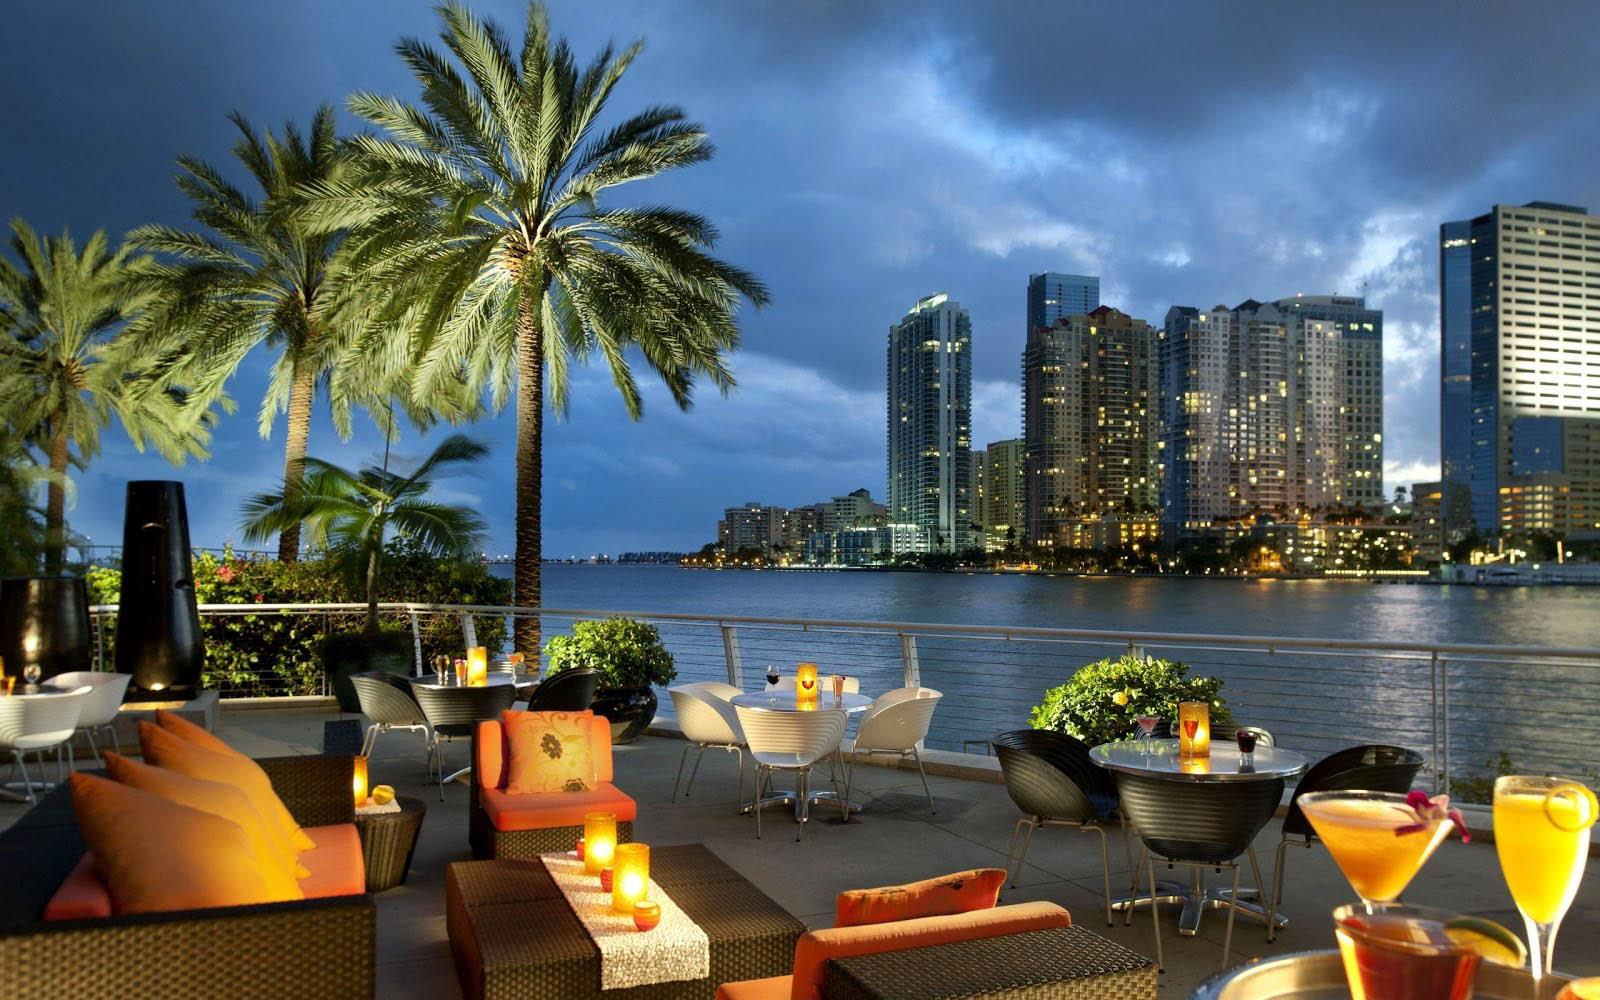 Chess Club Miami Beach